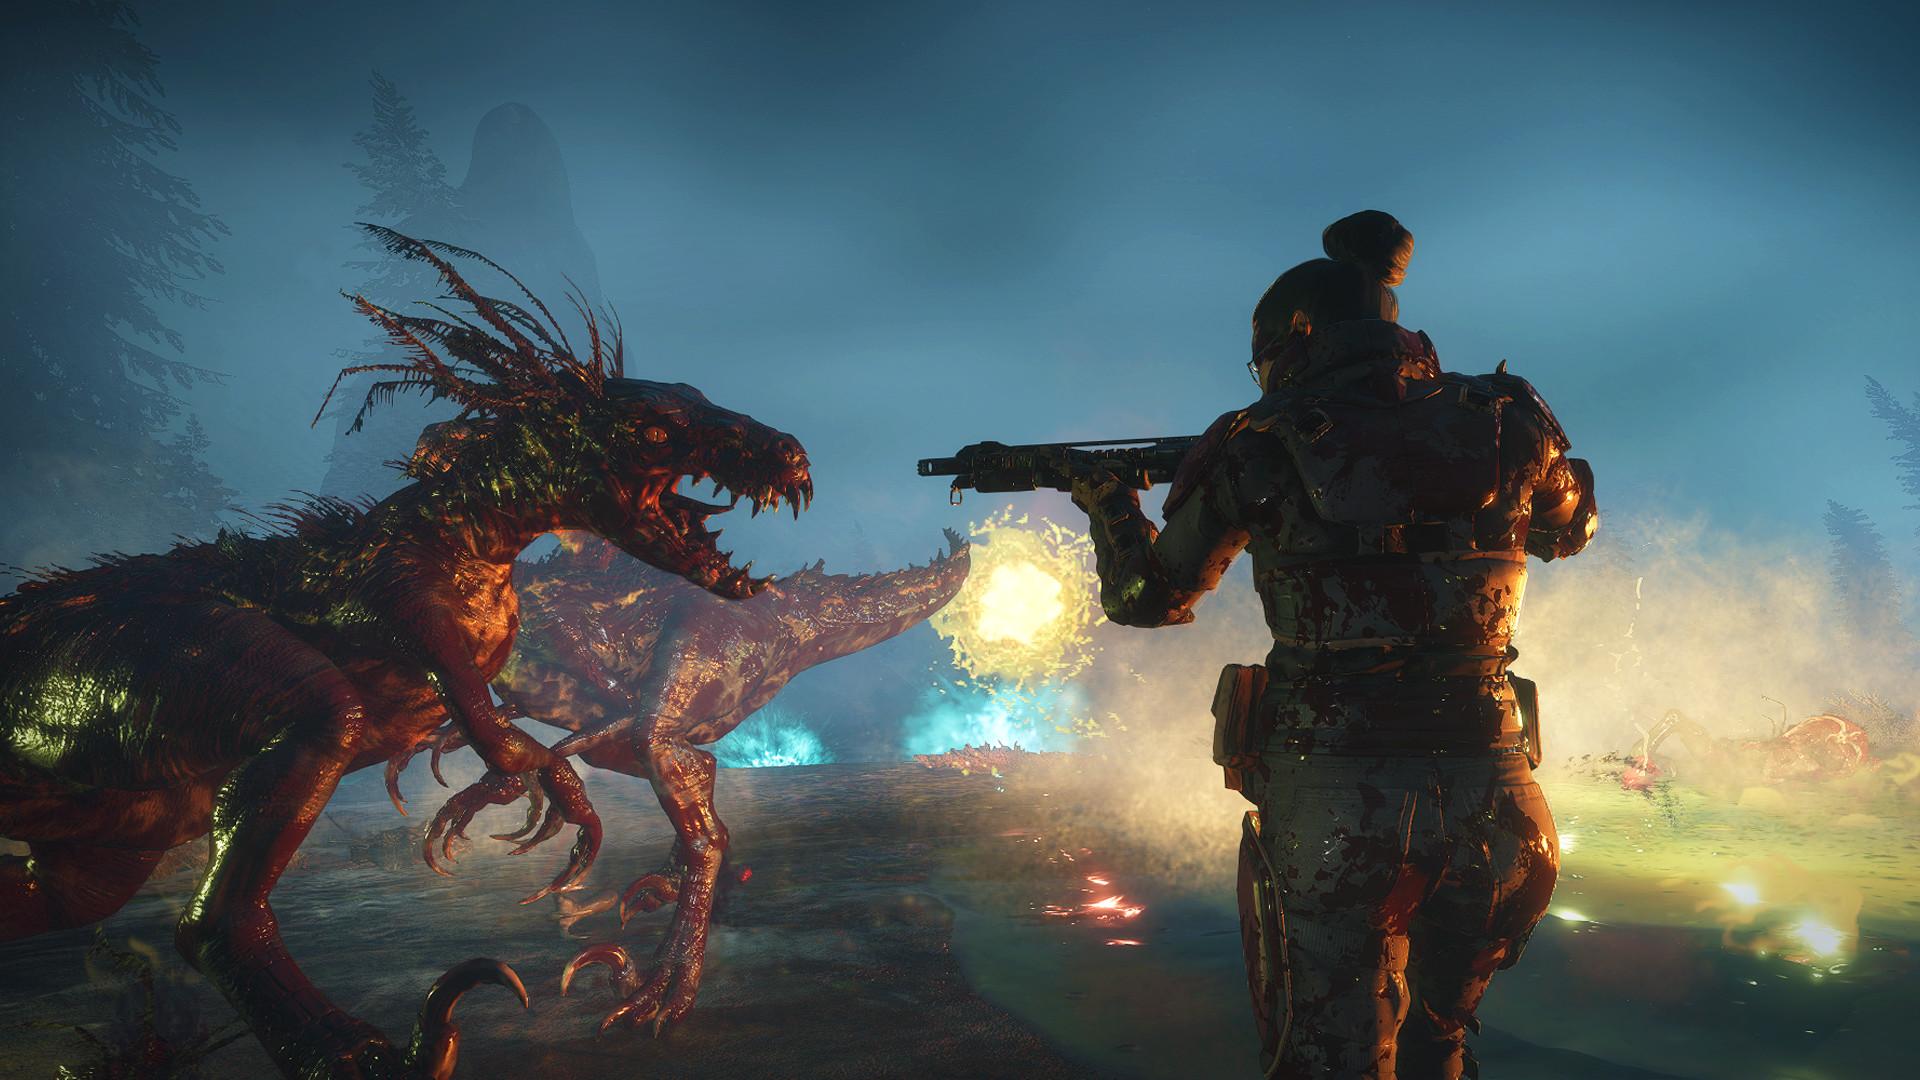 Un nuevo tráiler detalla el motor gráfico de Second Extinction, juego que llegará a Xbox Series X